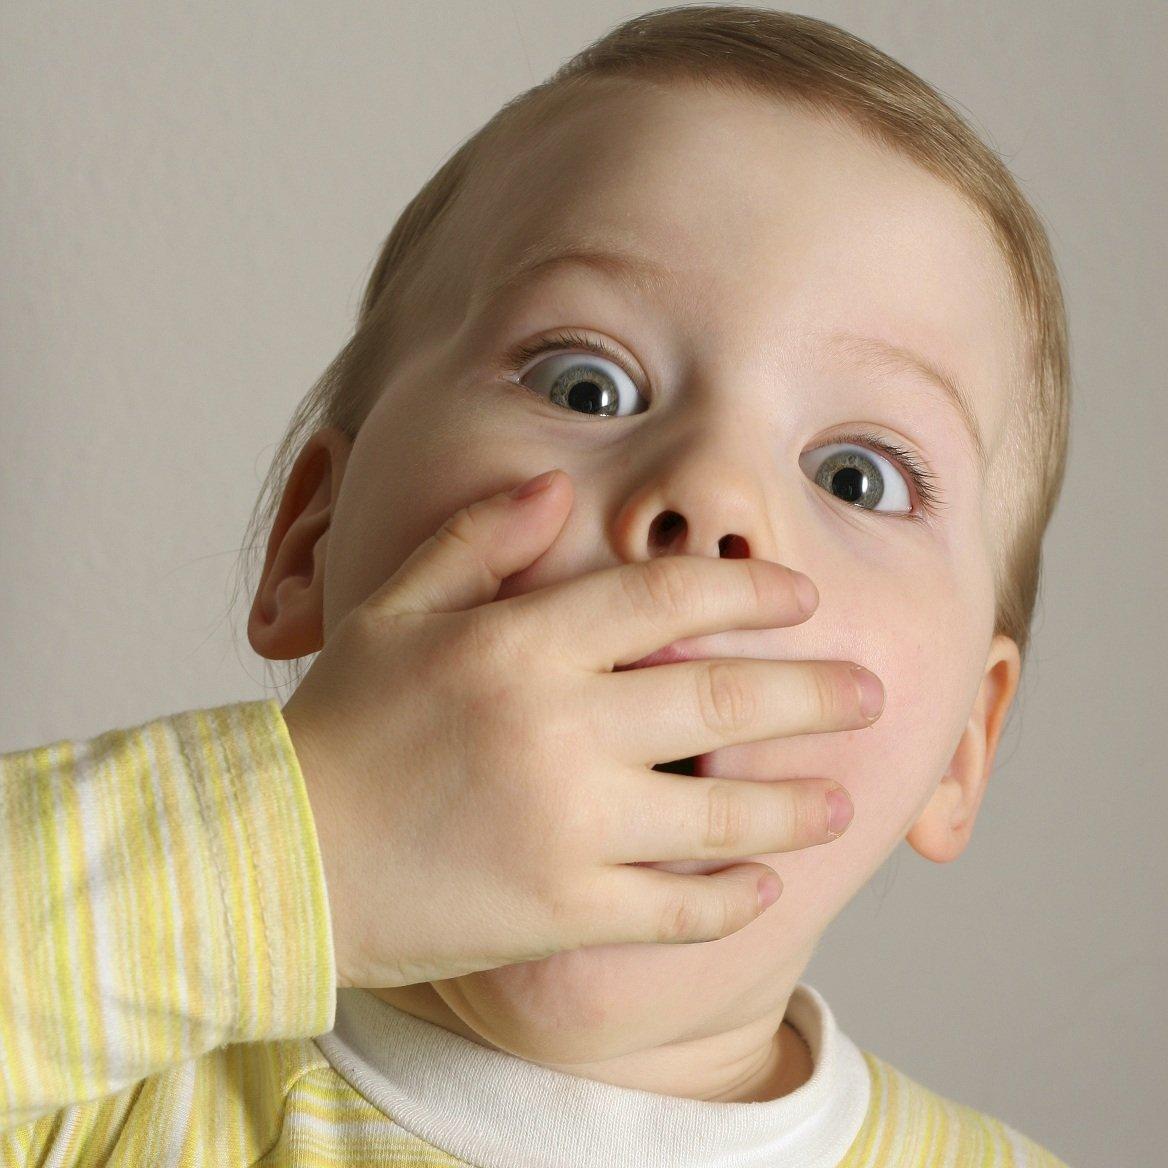 كيفية التخلص من رائحة الفم الكريهة عند الاطفال بطرق طبيعية